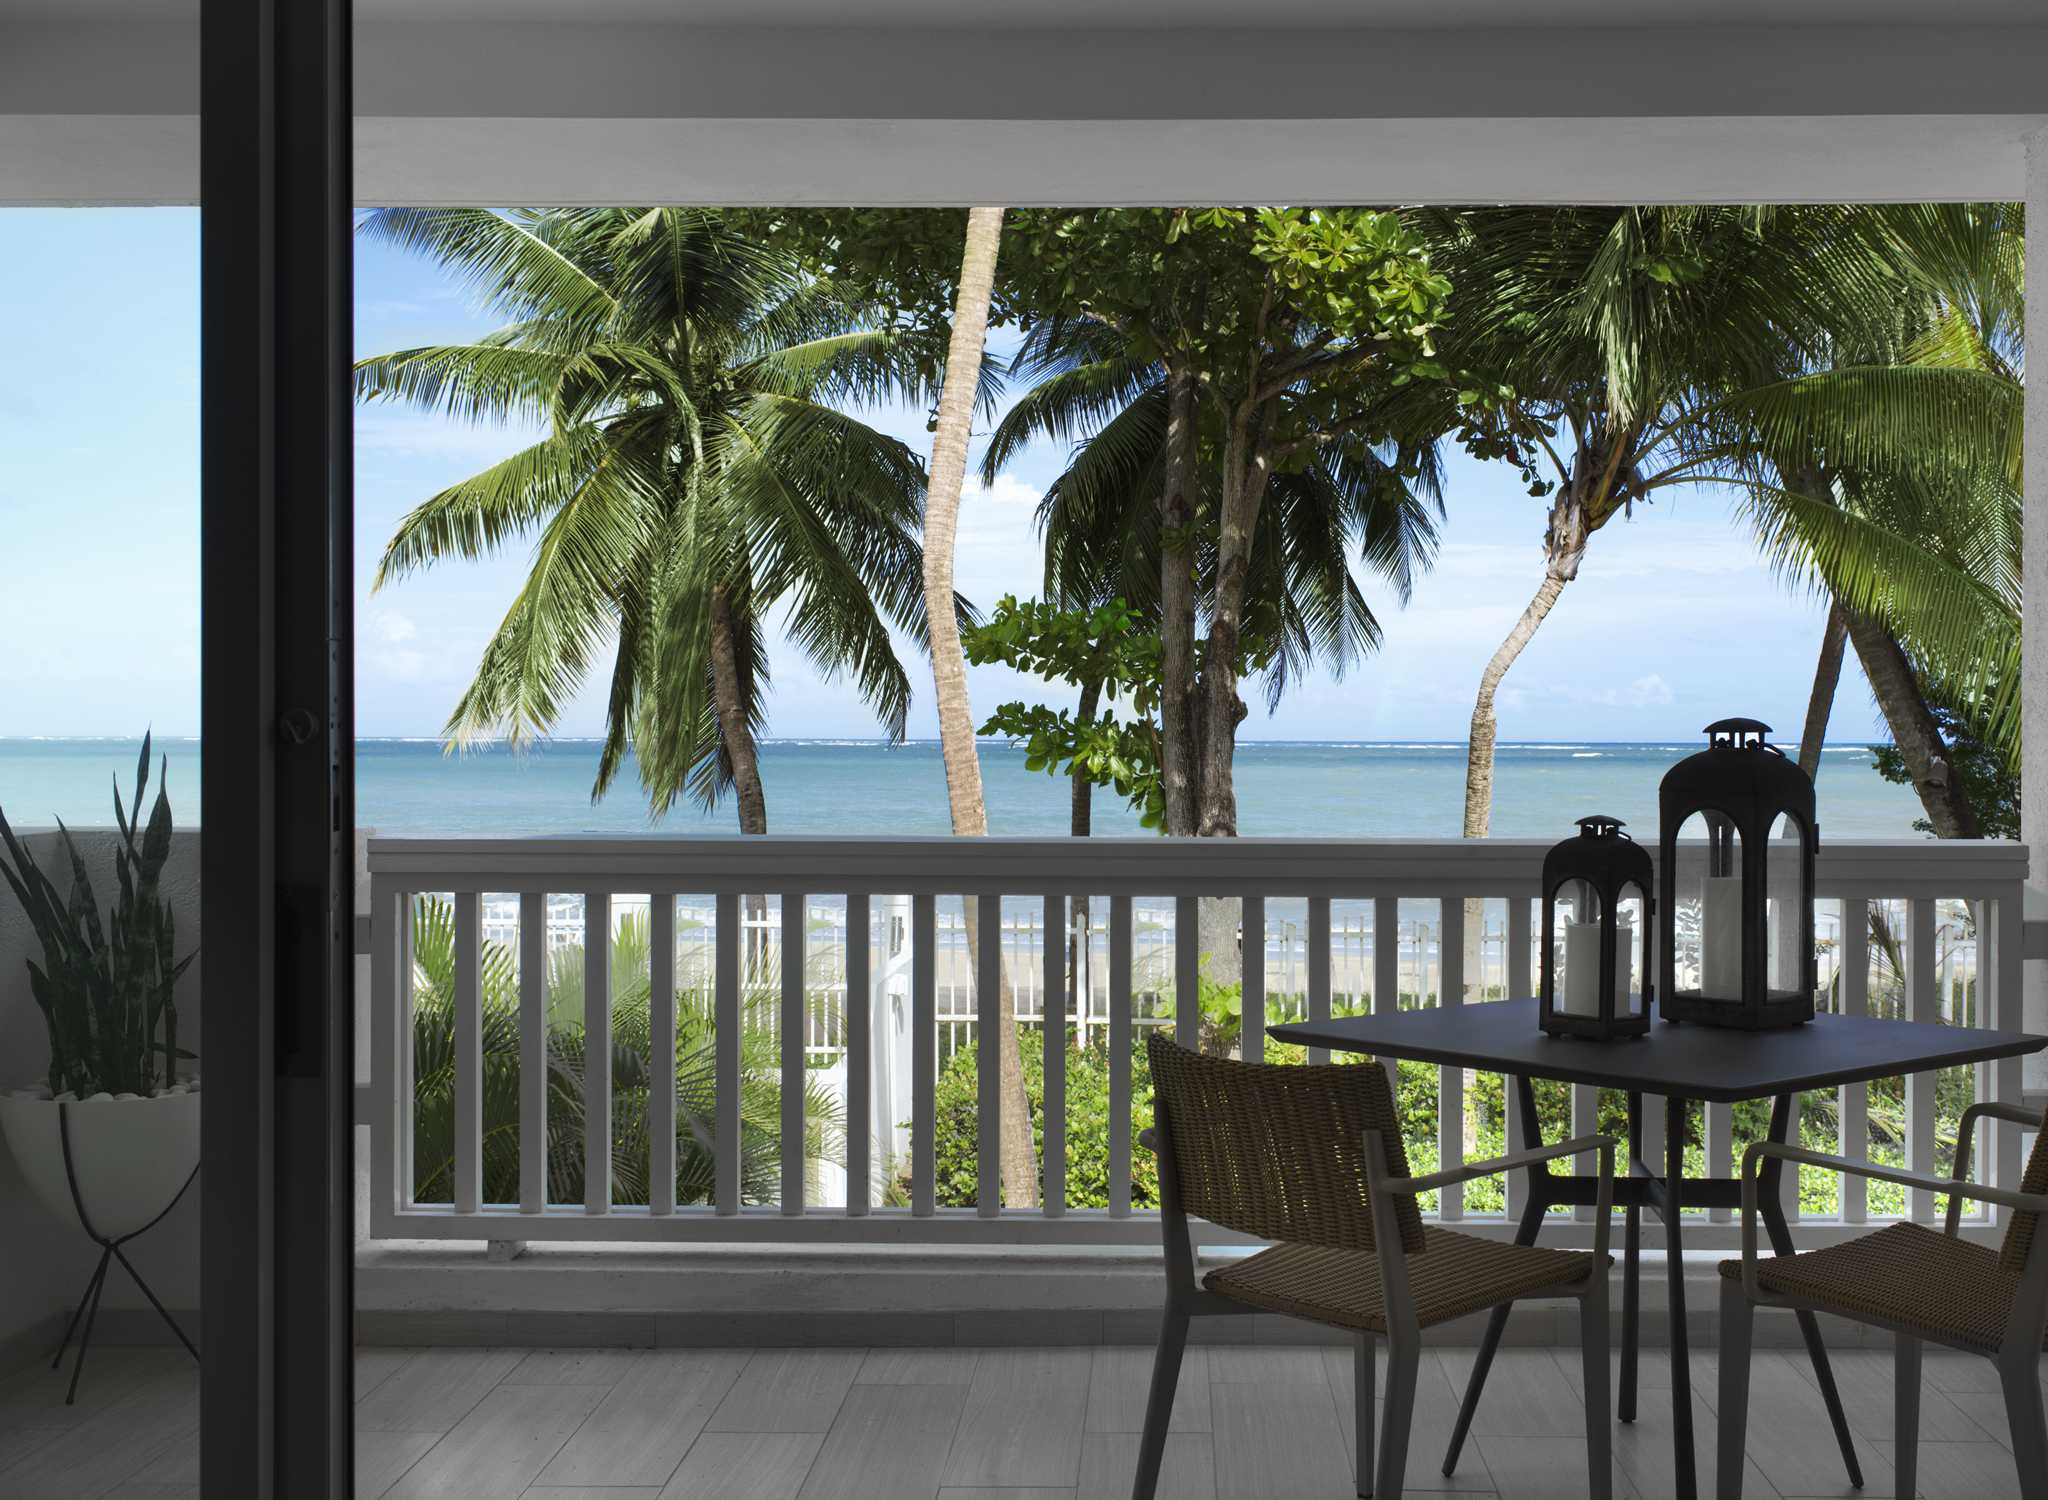 Hoteles en Puerto Rico - San Juan - Hilton